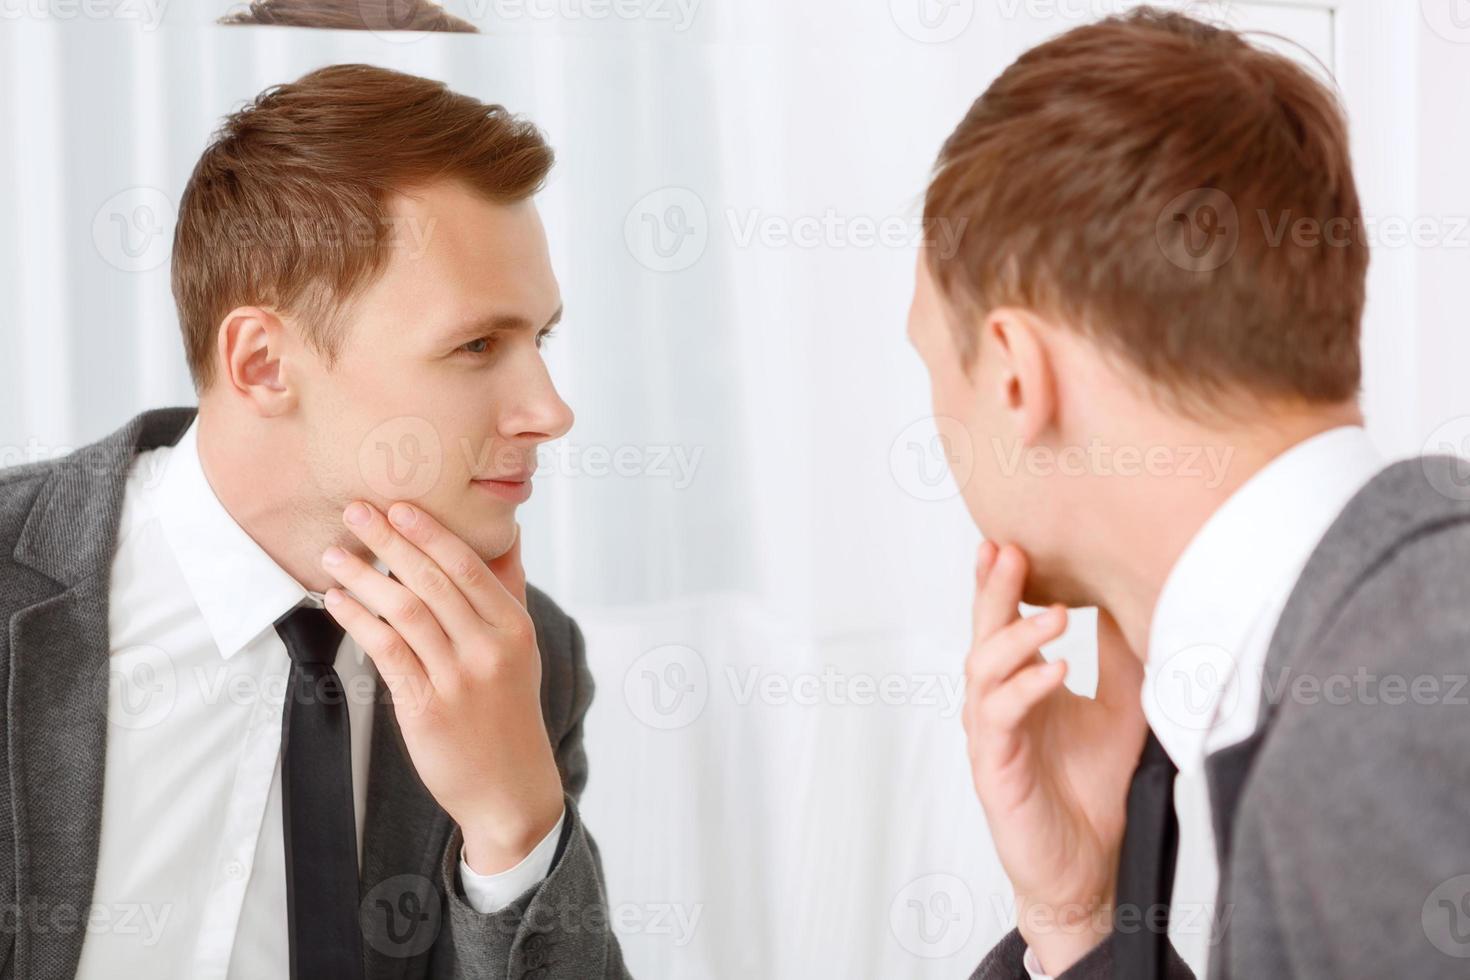 jeune homme vérifiant ses poils sur le visage photo